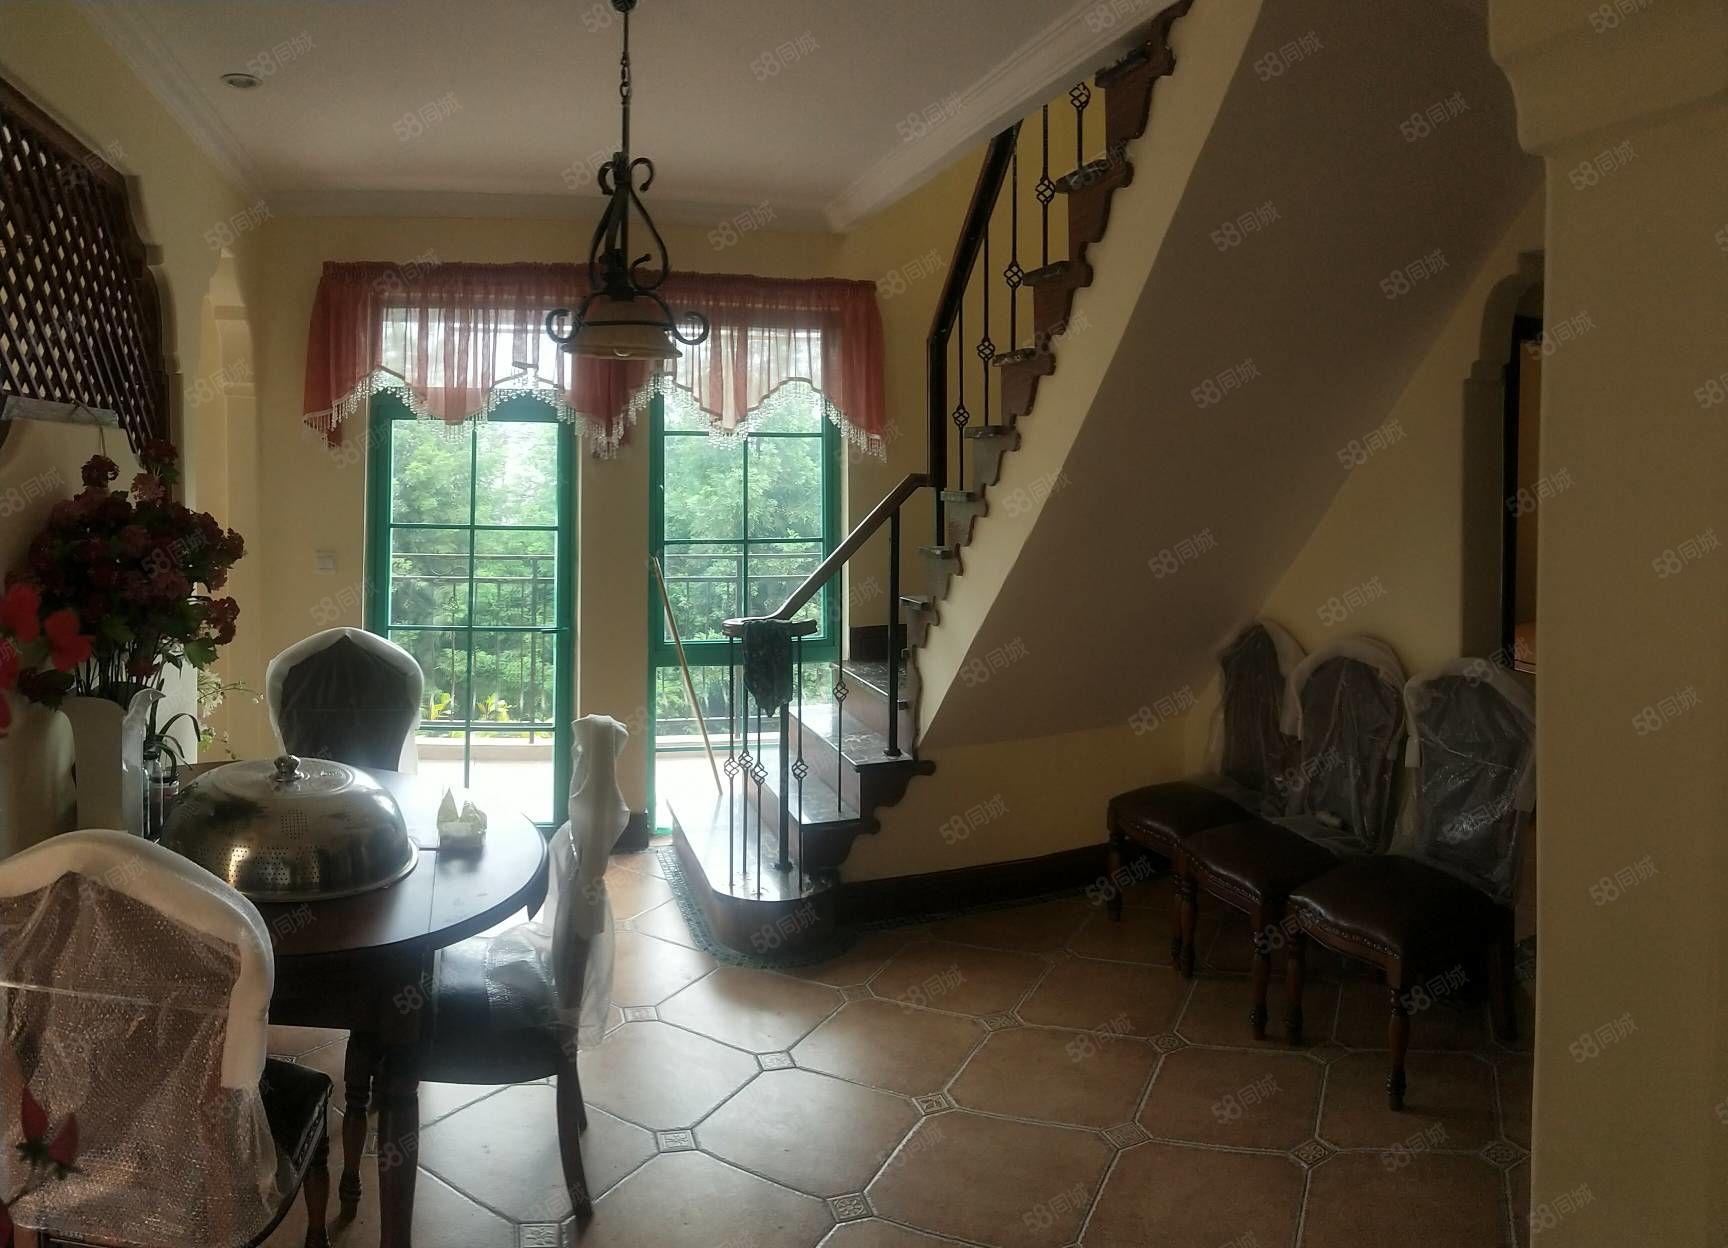 仙女镇芳草地雪岭仙山4室2厅2卫别墅带超大露台出售